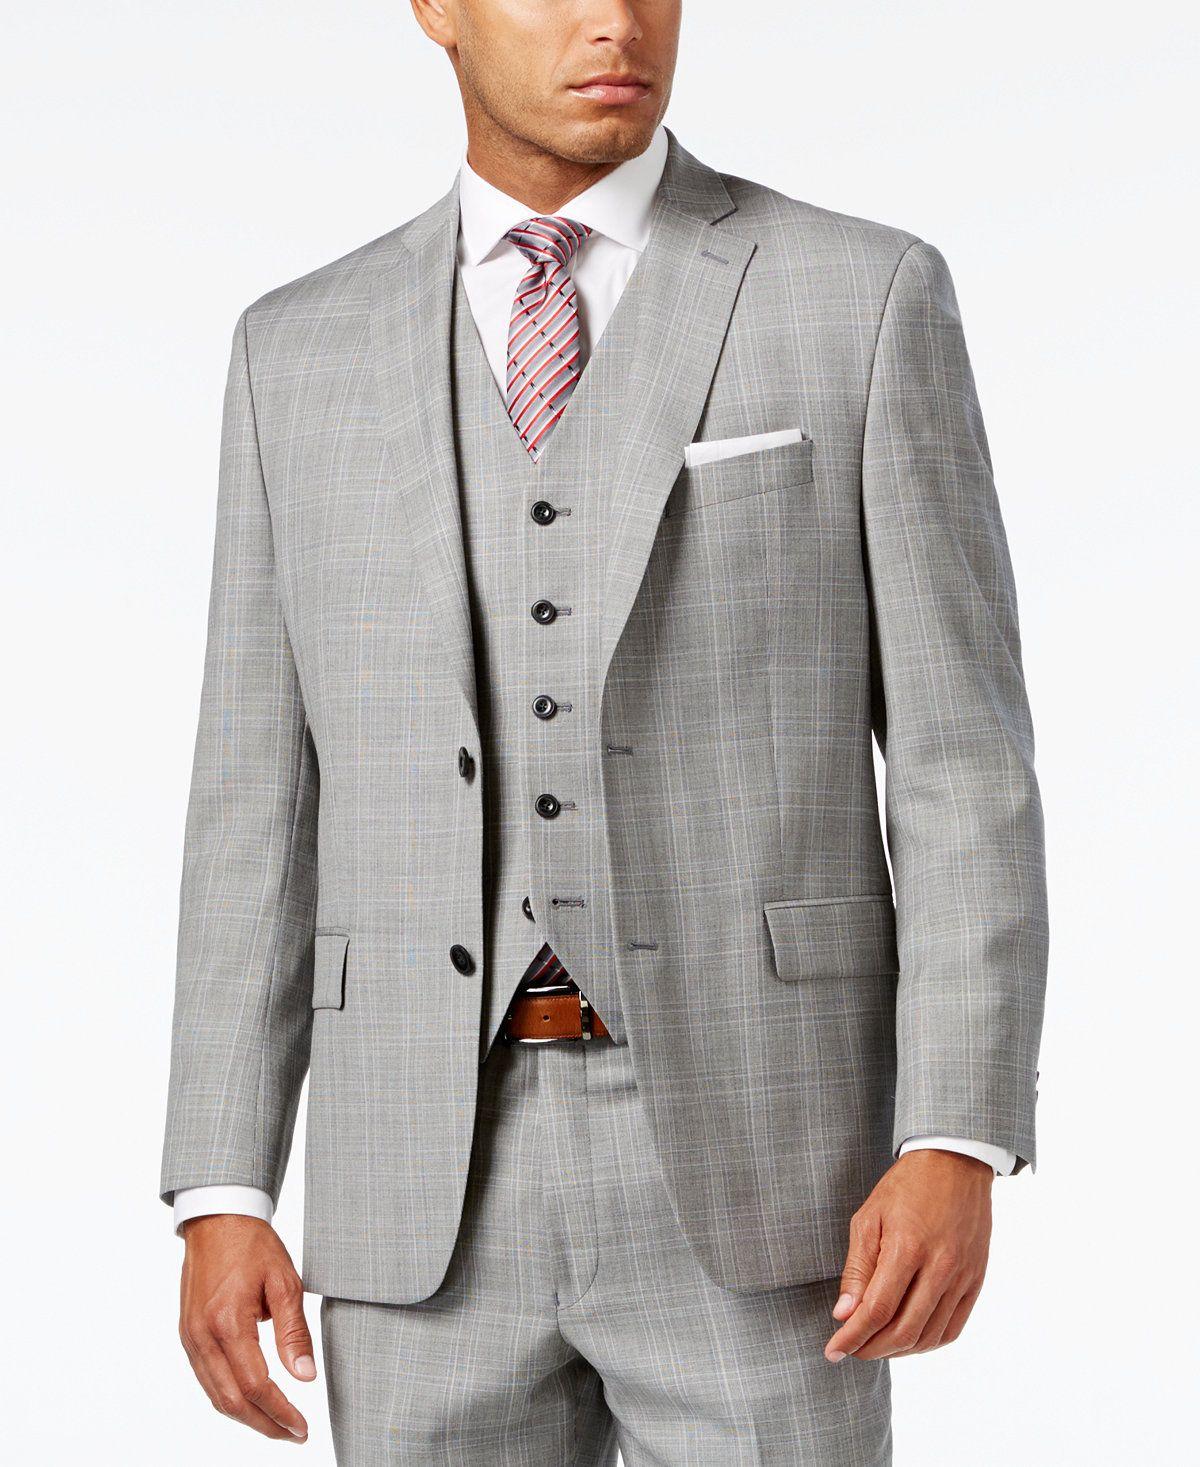 682dbe5c2c8 Michael Kors Men s Classic-Fit Light Gray Glen Plaid Vested Suit - Suits    Suit Separates - Men - Macy s